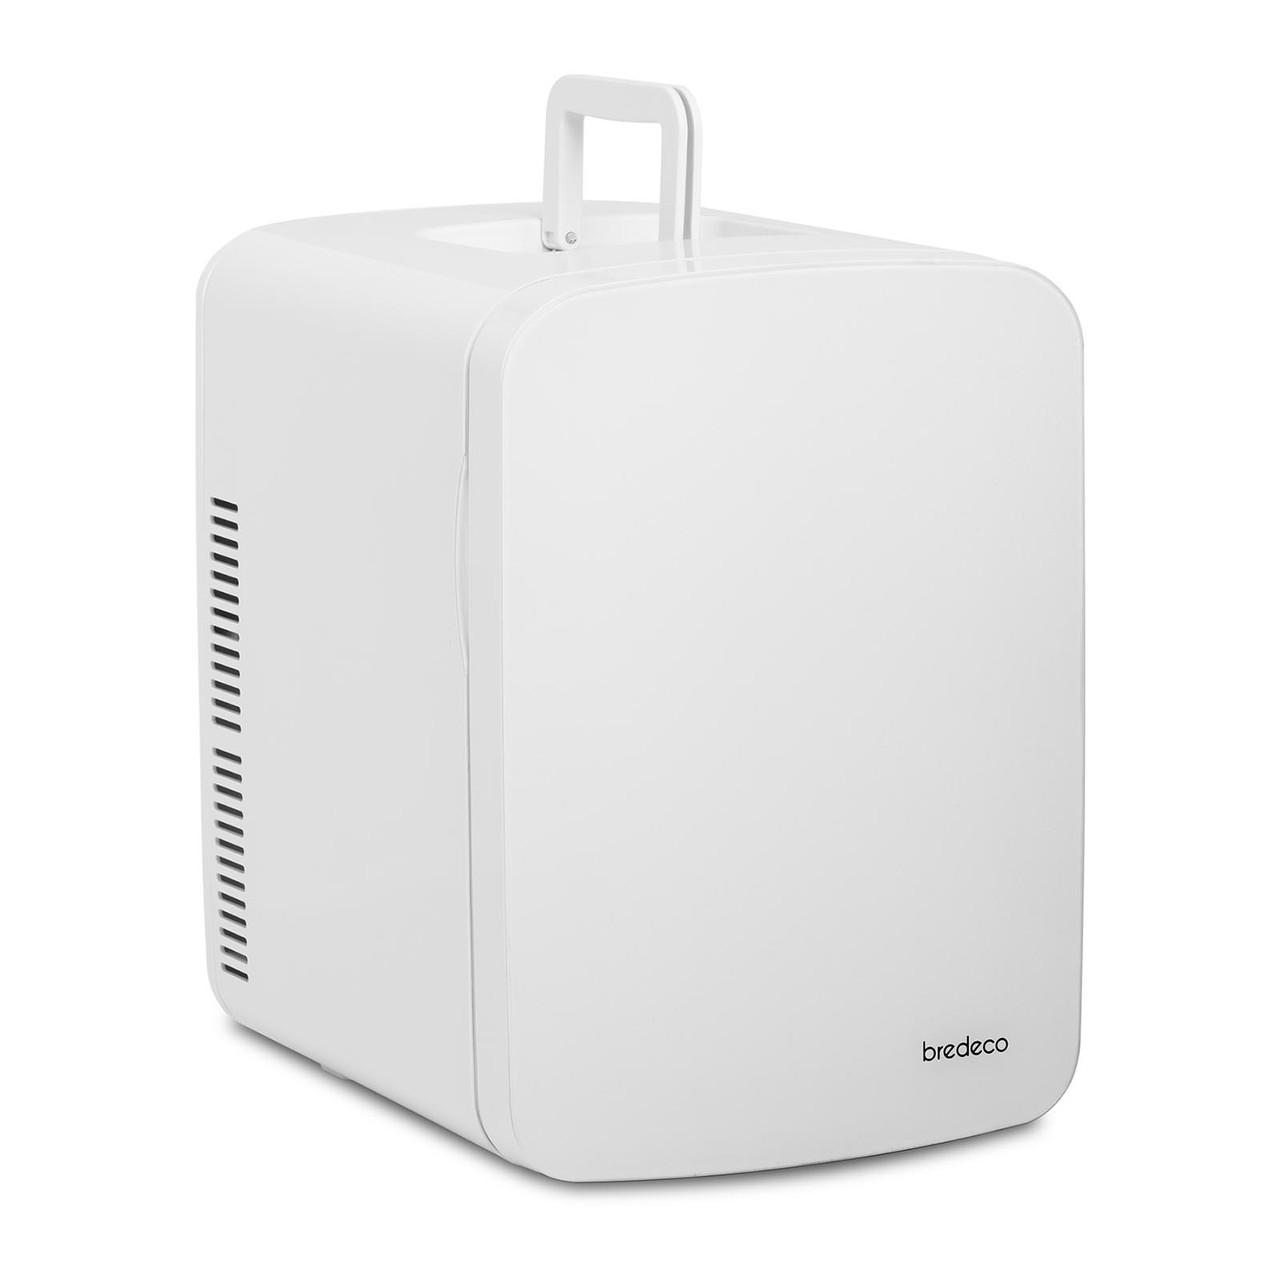 Мини-холодильник - автомобиль - 15 л - термостат Bredeco